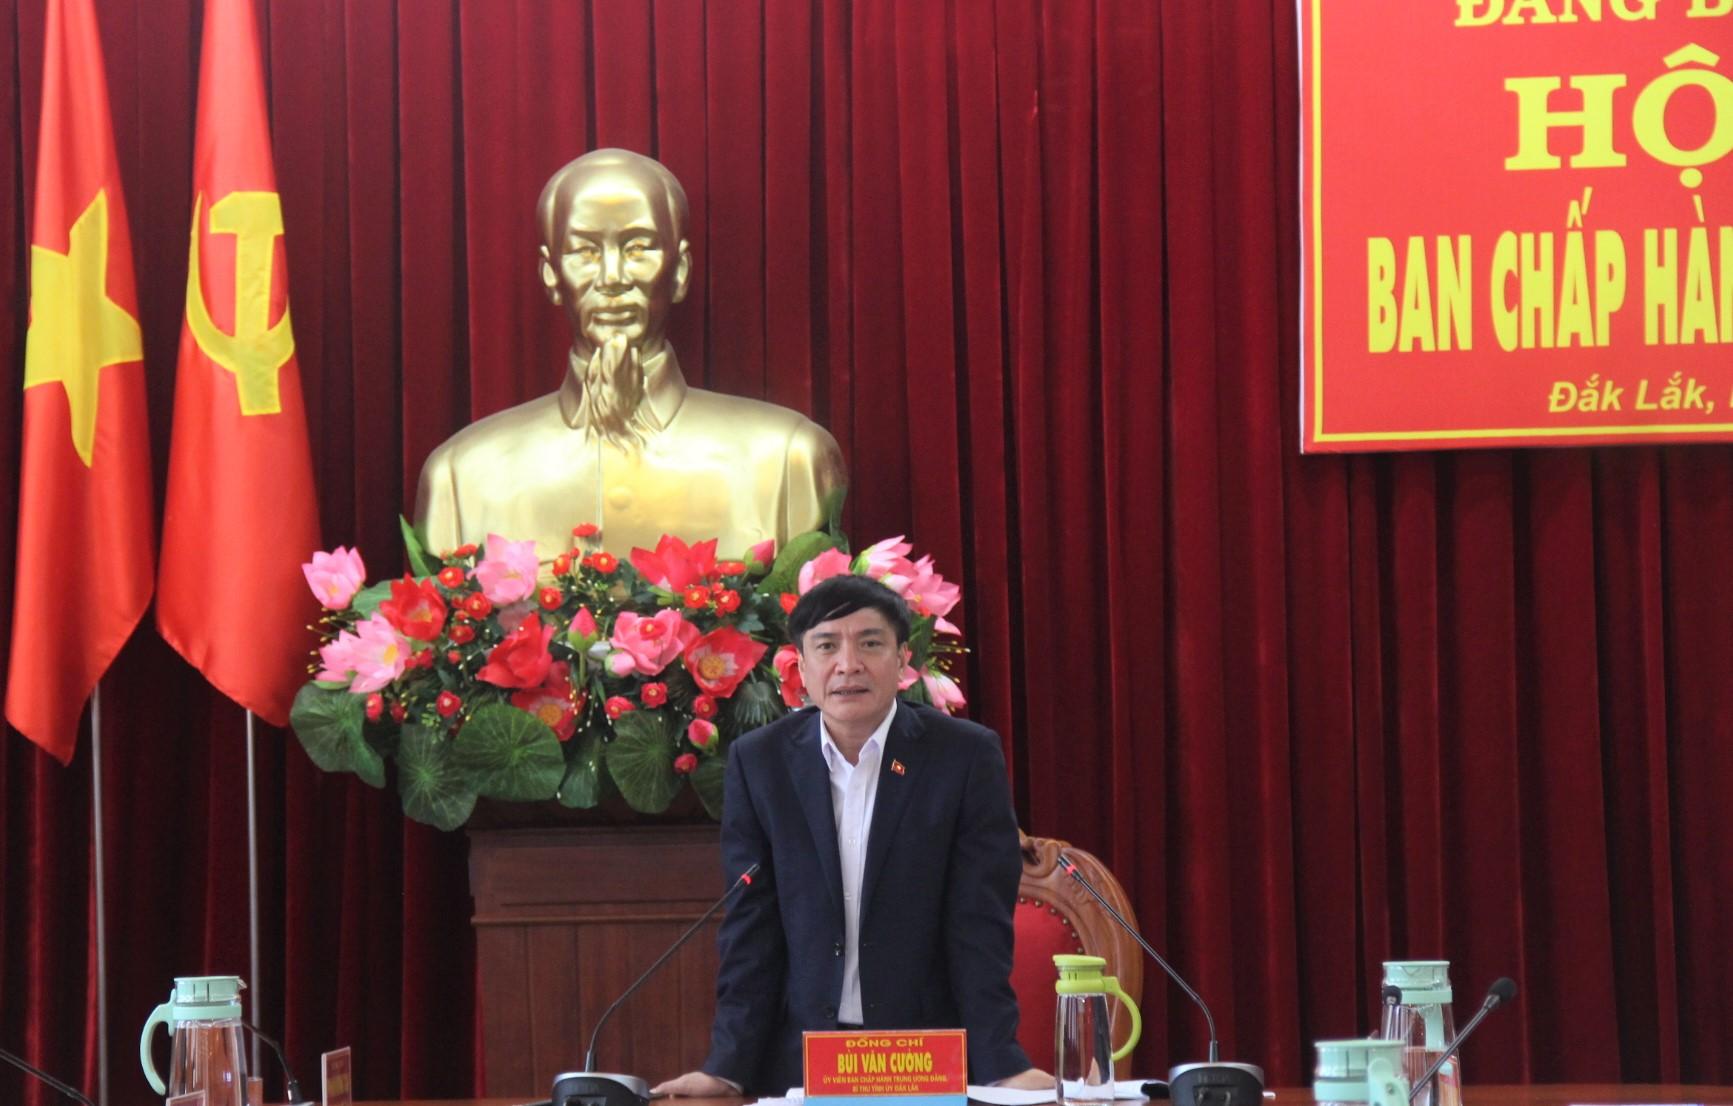 Hội nghị Ban Chấp hành Đảng bộ tỉnh lần thứ 27 (mở rộng)